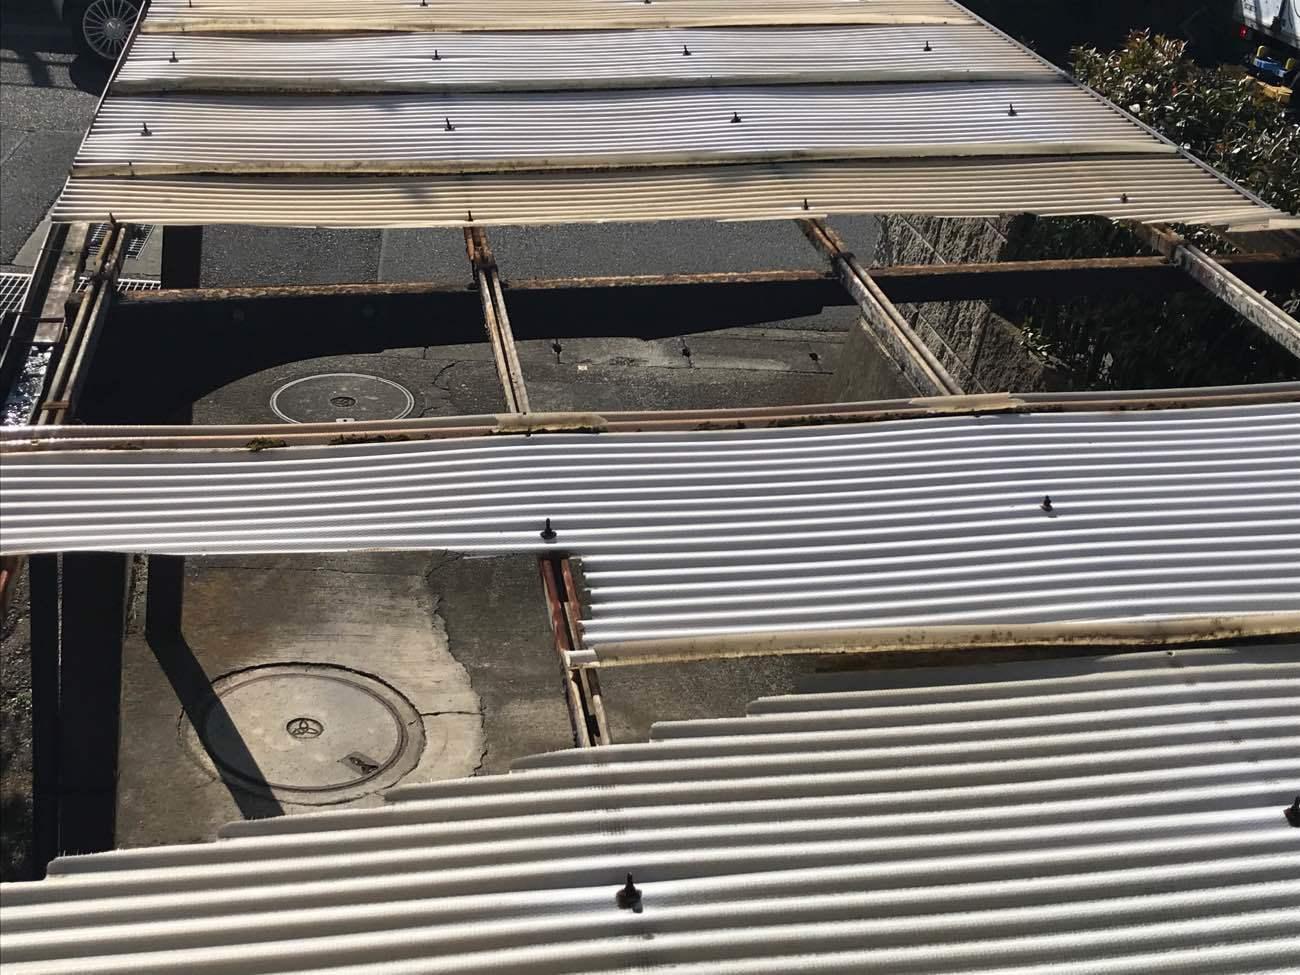 カーポート屋根の台風対策と対処方法・保険申請の流れまで徹底解説!